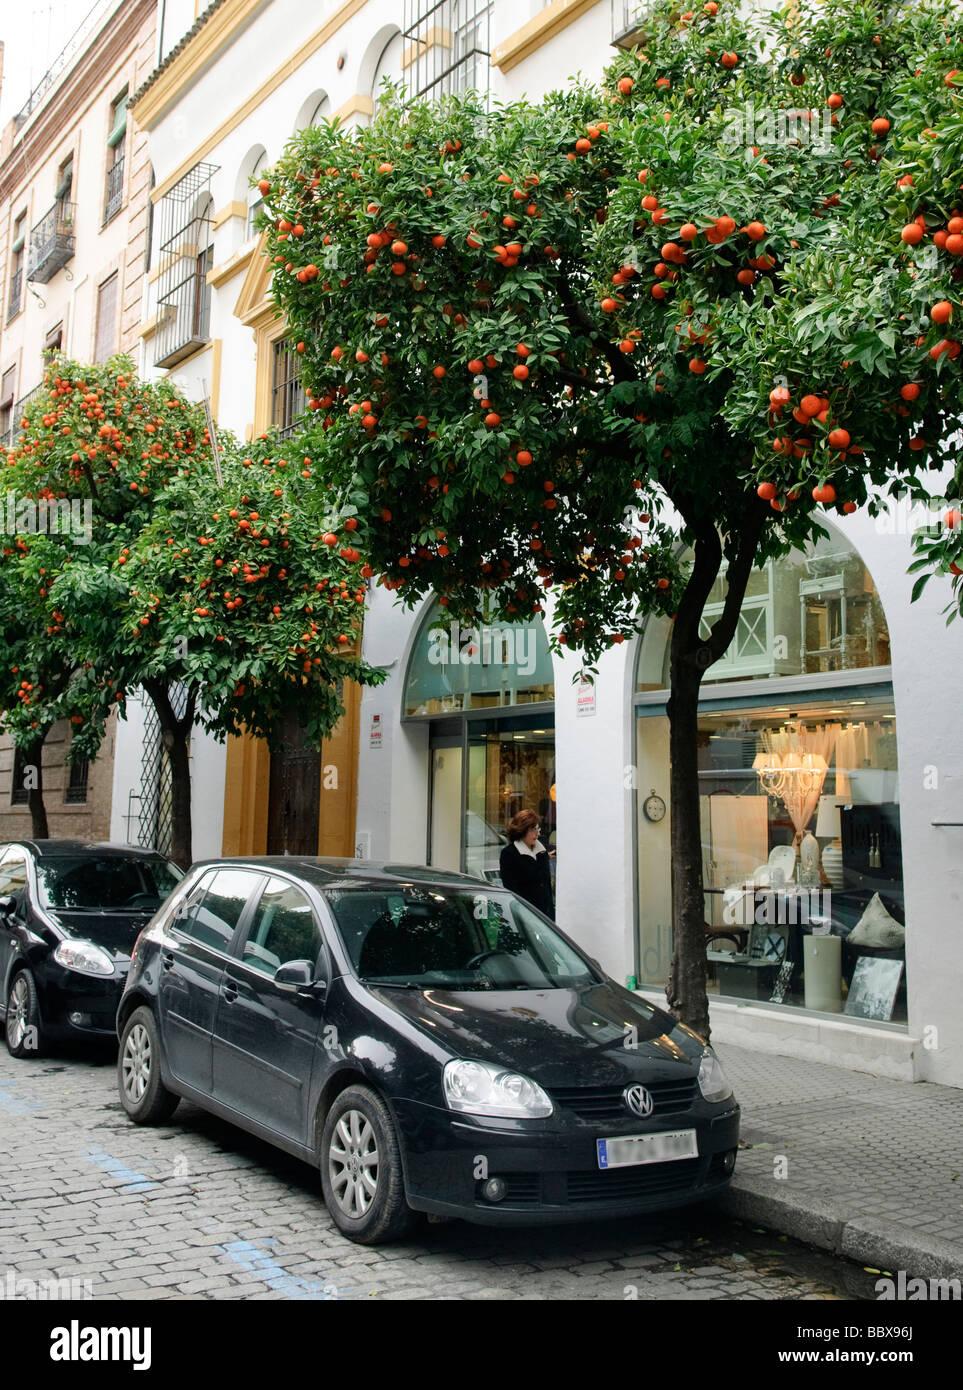 El centro comercial calle bordeada por árboles de mandarina en Sevilla , España Imagen De Stock